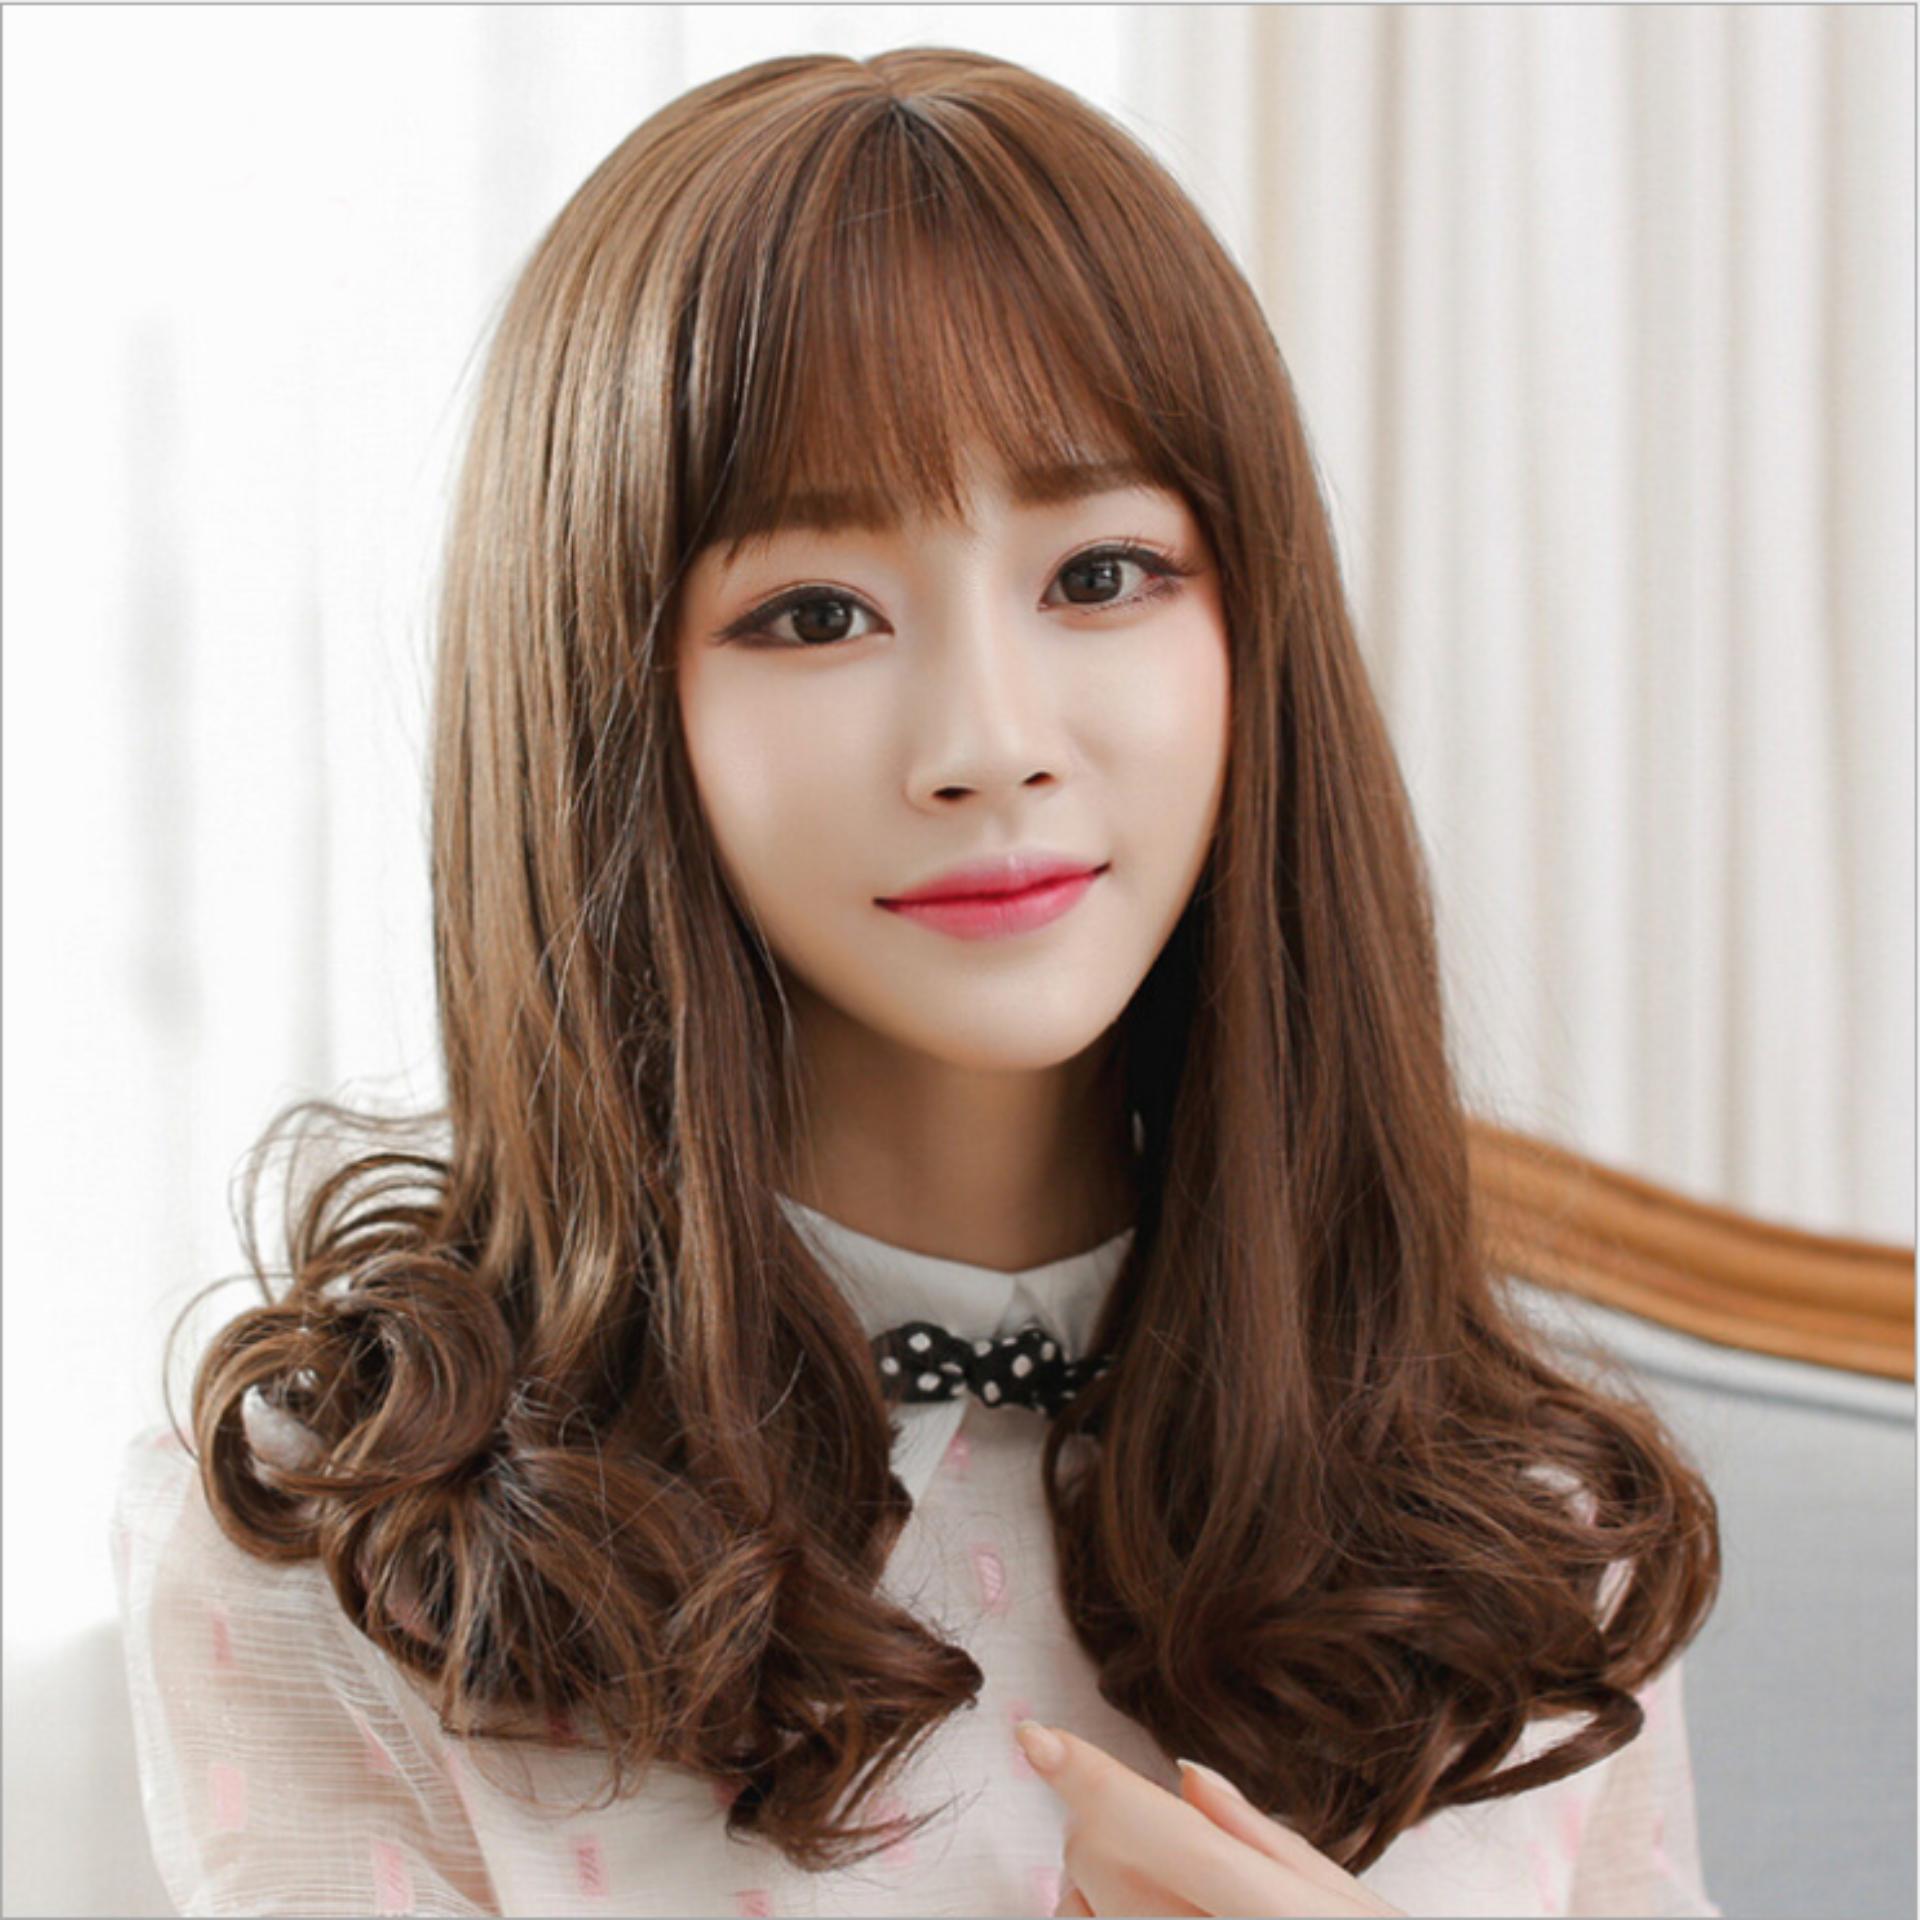 Mẫu sản phẩm Tóc giả nữ Hàn Quốc cao cấp có da đầu + tặng kèm Lưới trùm tóc – TG5465 ( MÀU NÂU ĐẬM HẠT DẺ)